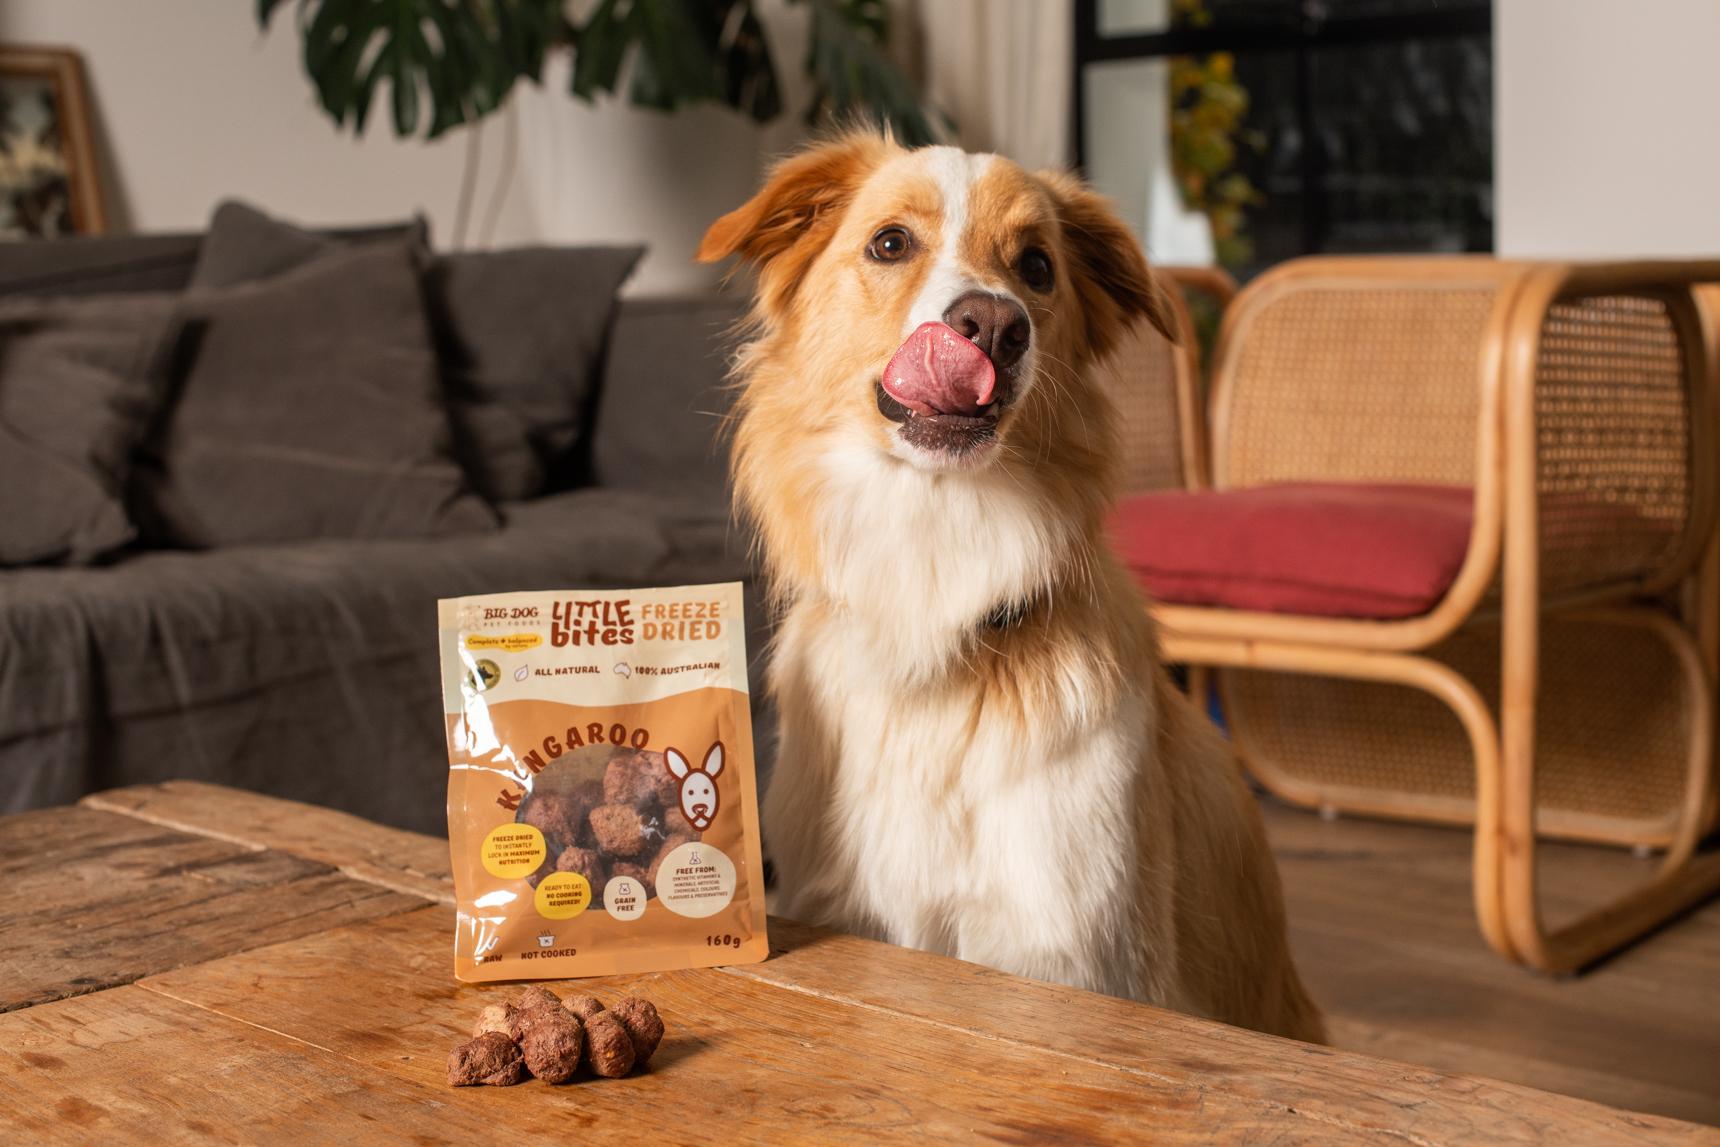 Dog and treats Petstock